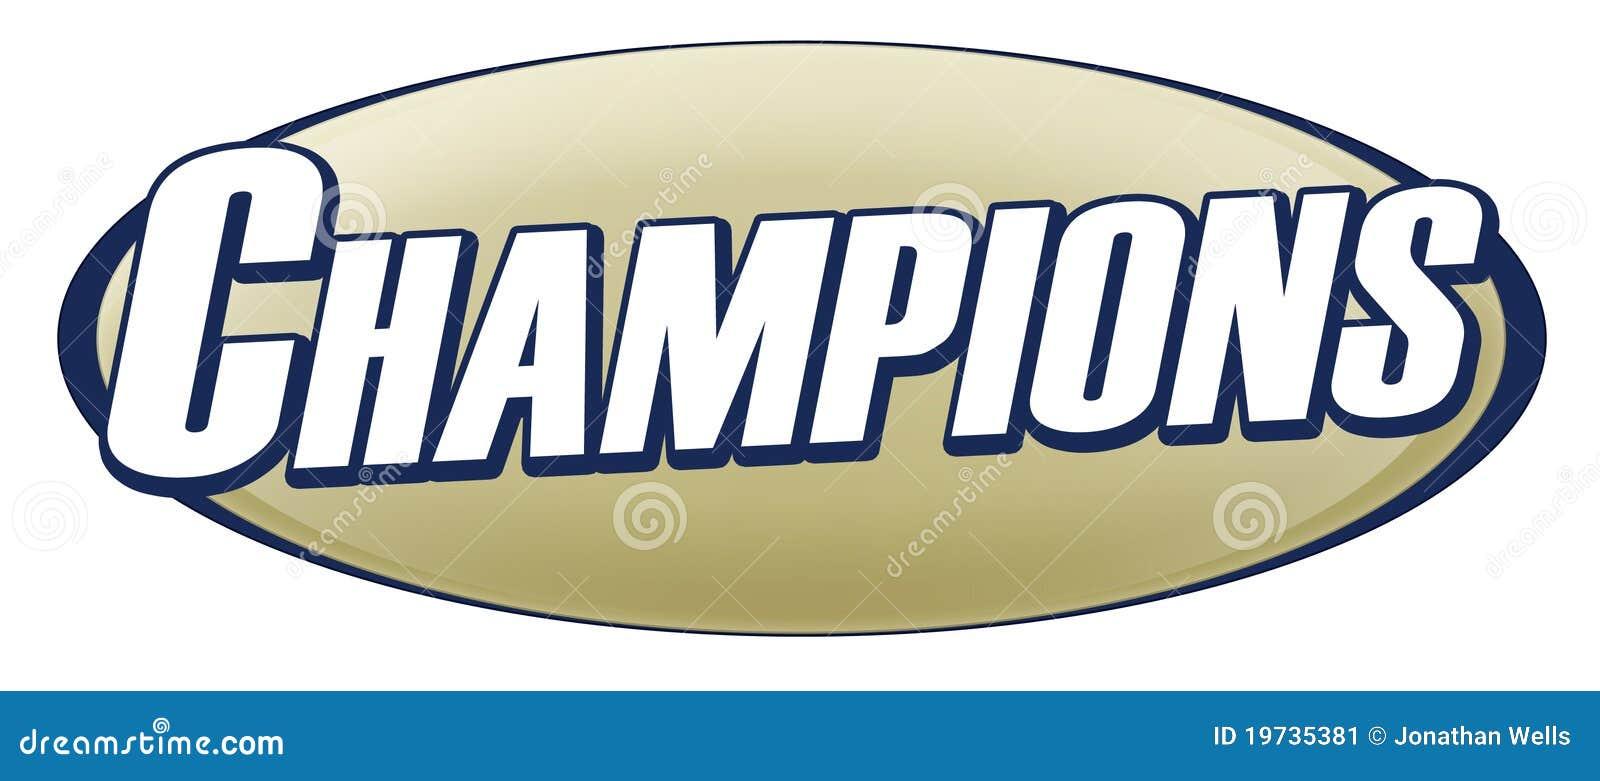 Logo de champions